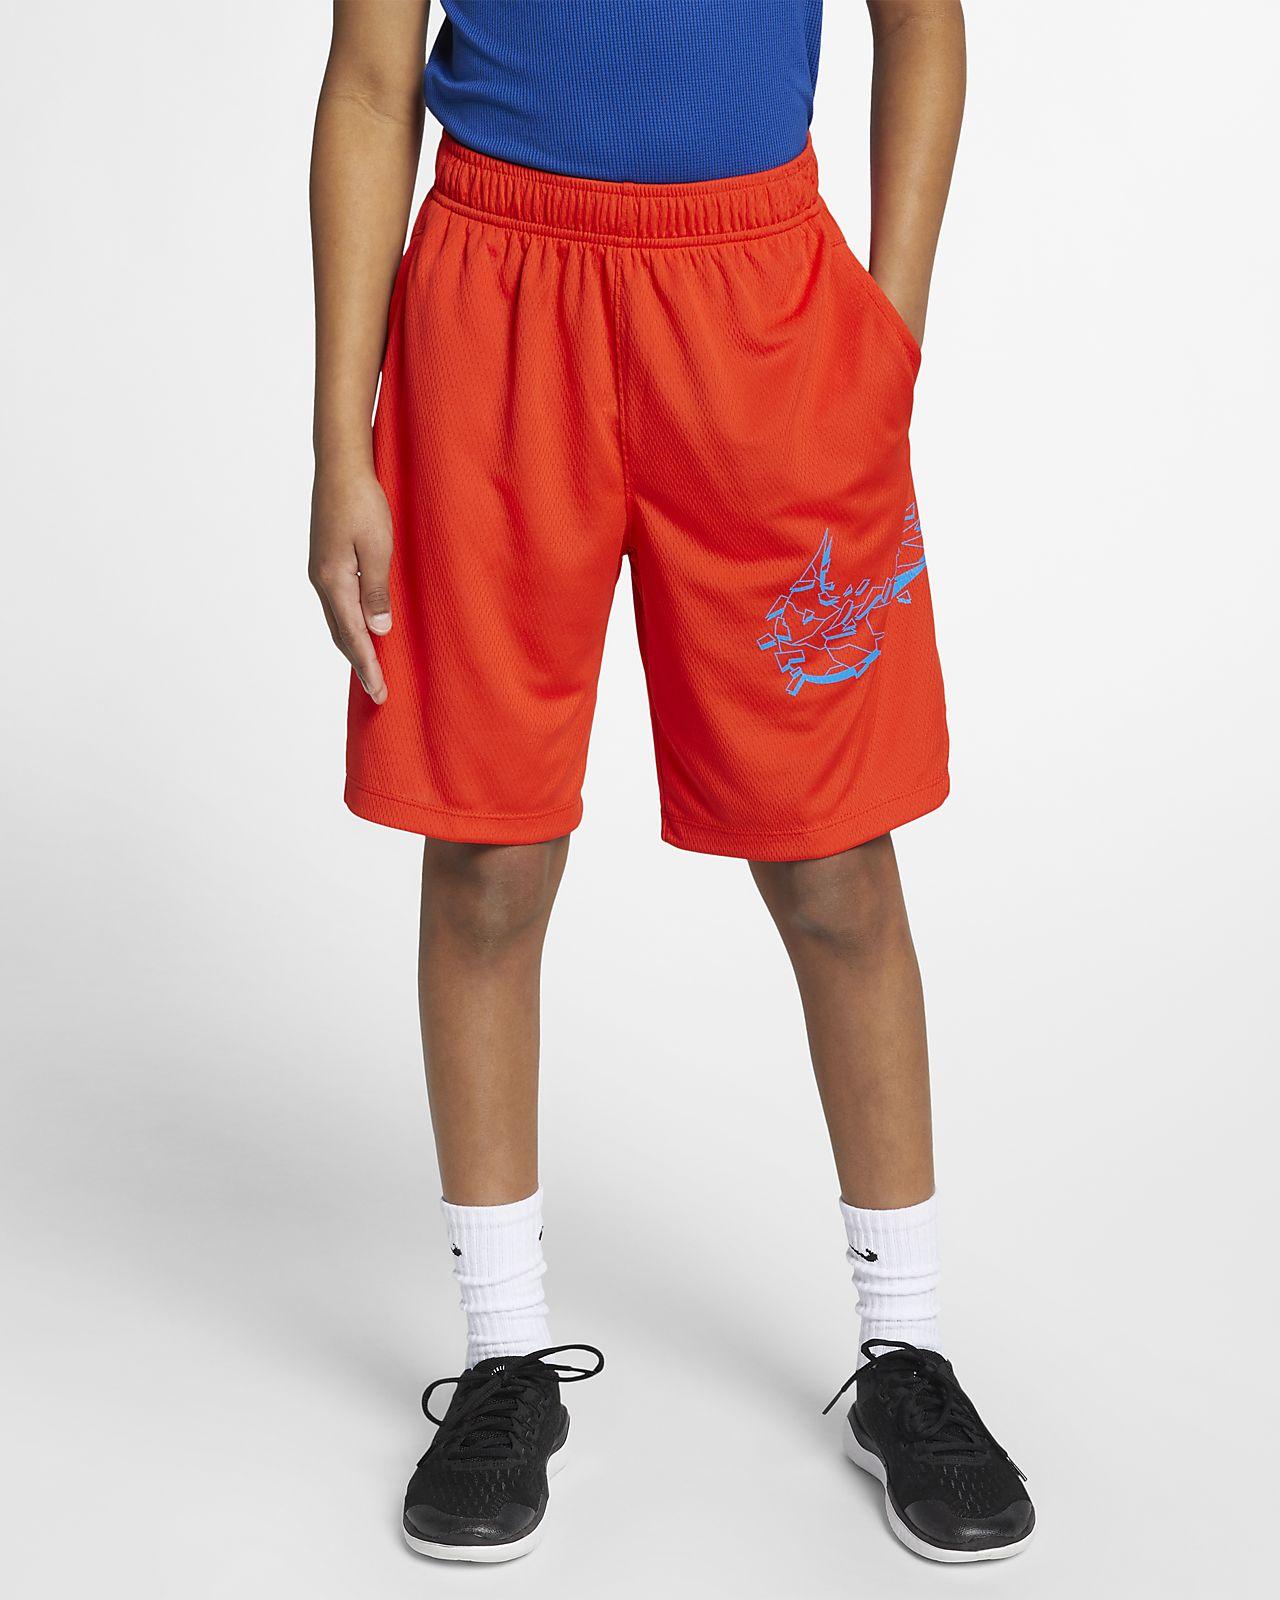 9f96672d32e8 Nike Dri-FIT Big Kids  (Boys ) Graphic Training Shorts. Nike.com